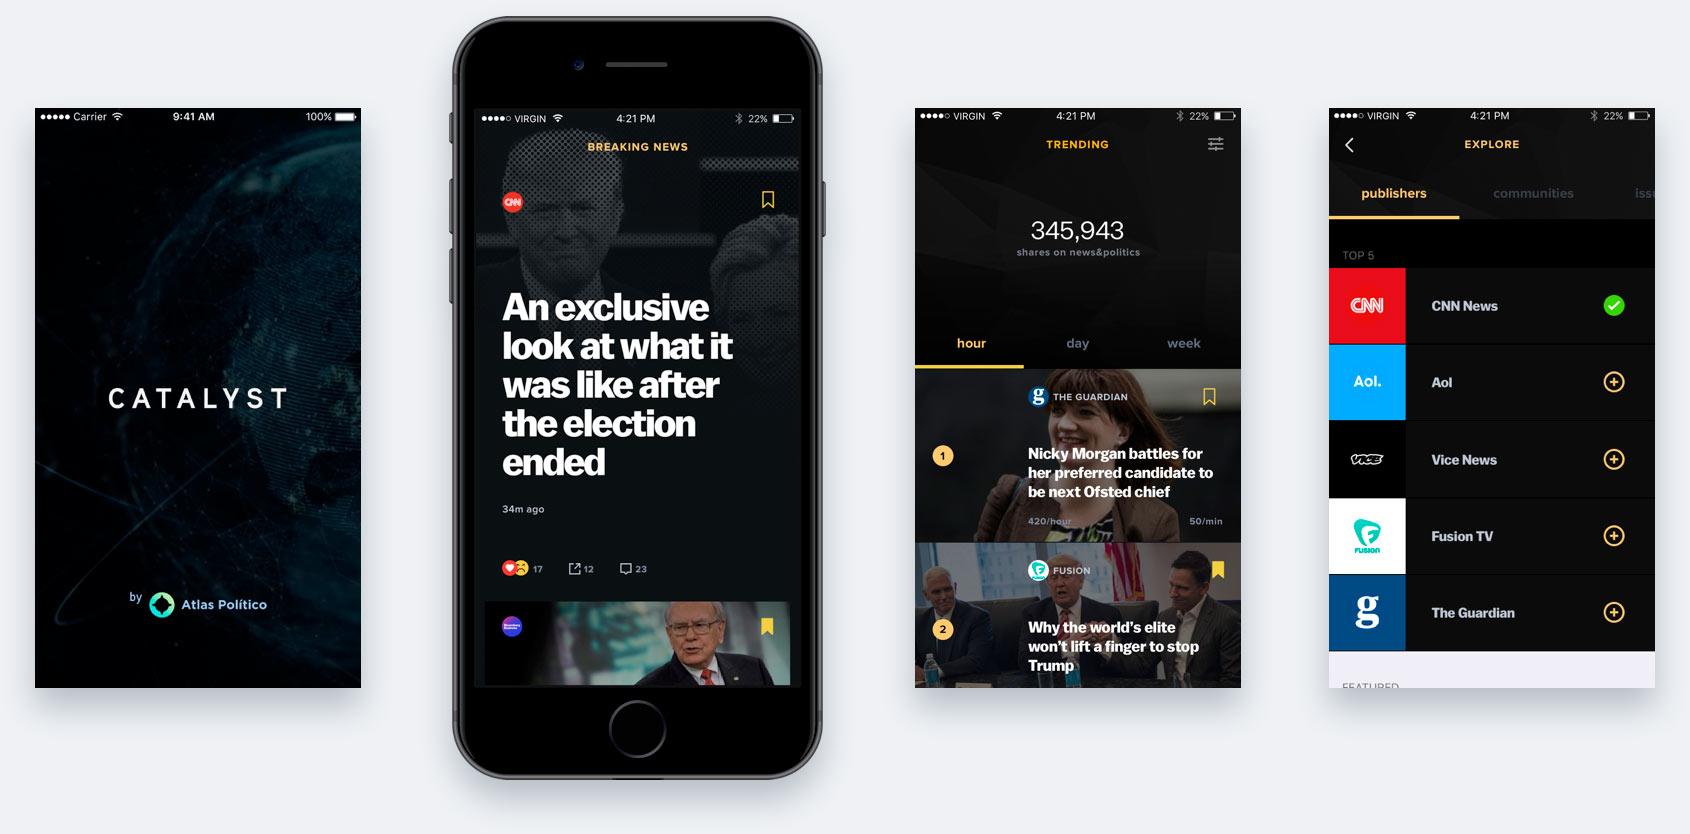 catalyst-app